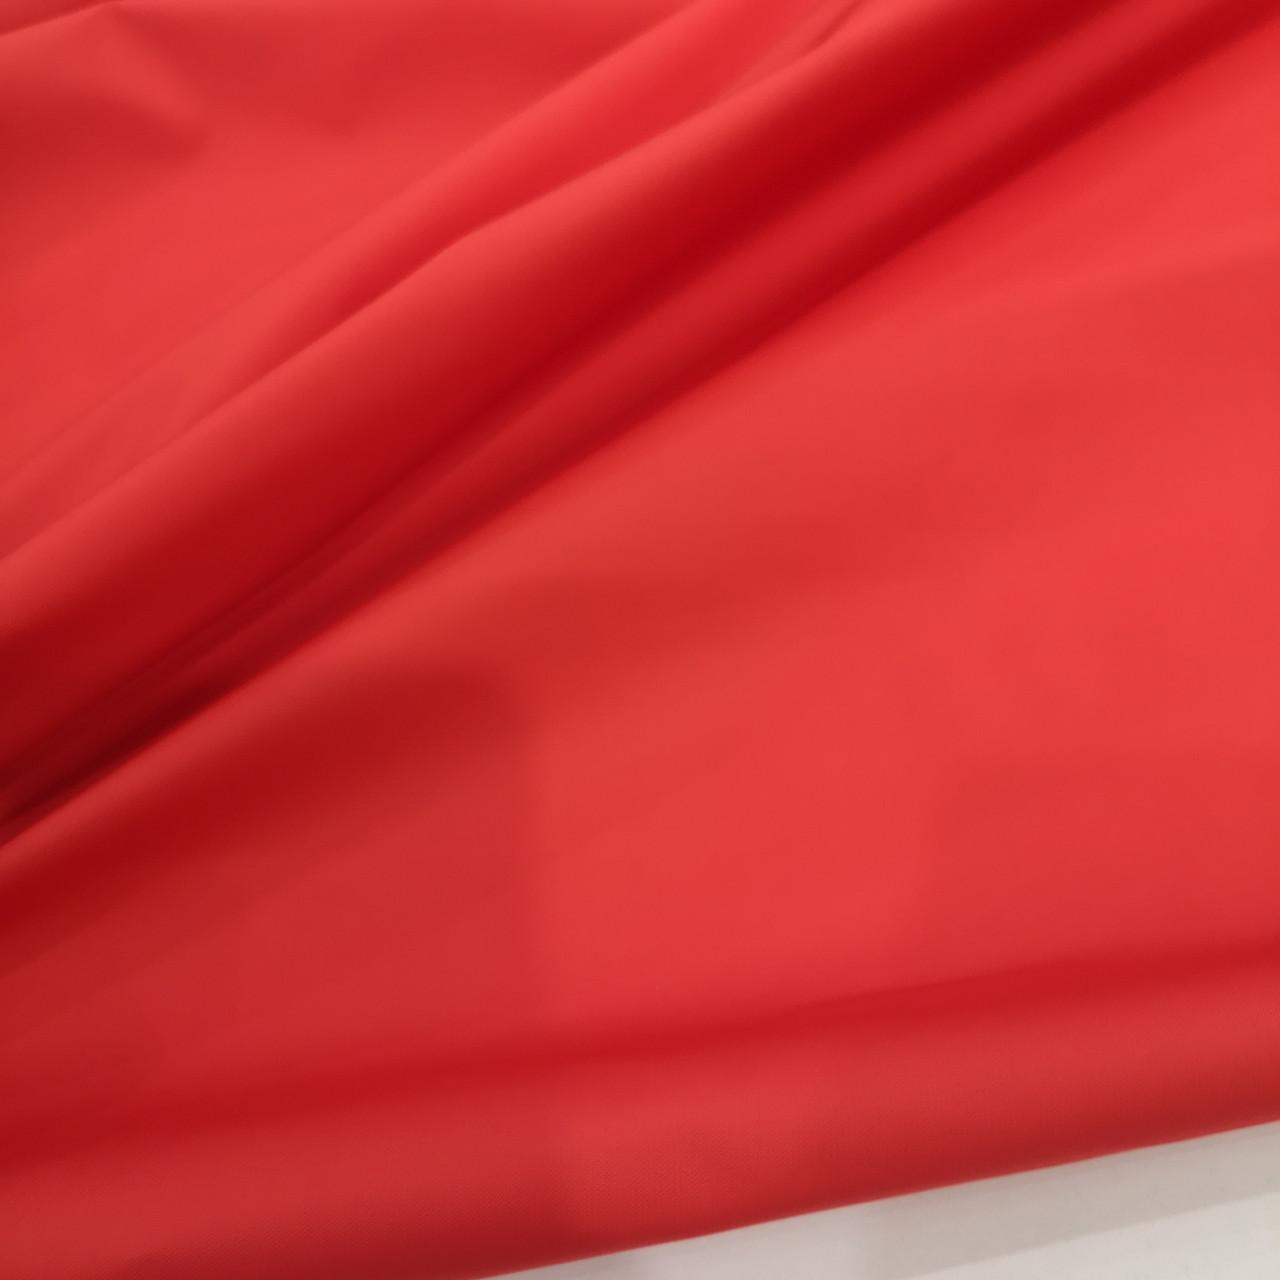 Плащевая ткань канада красная